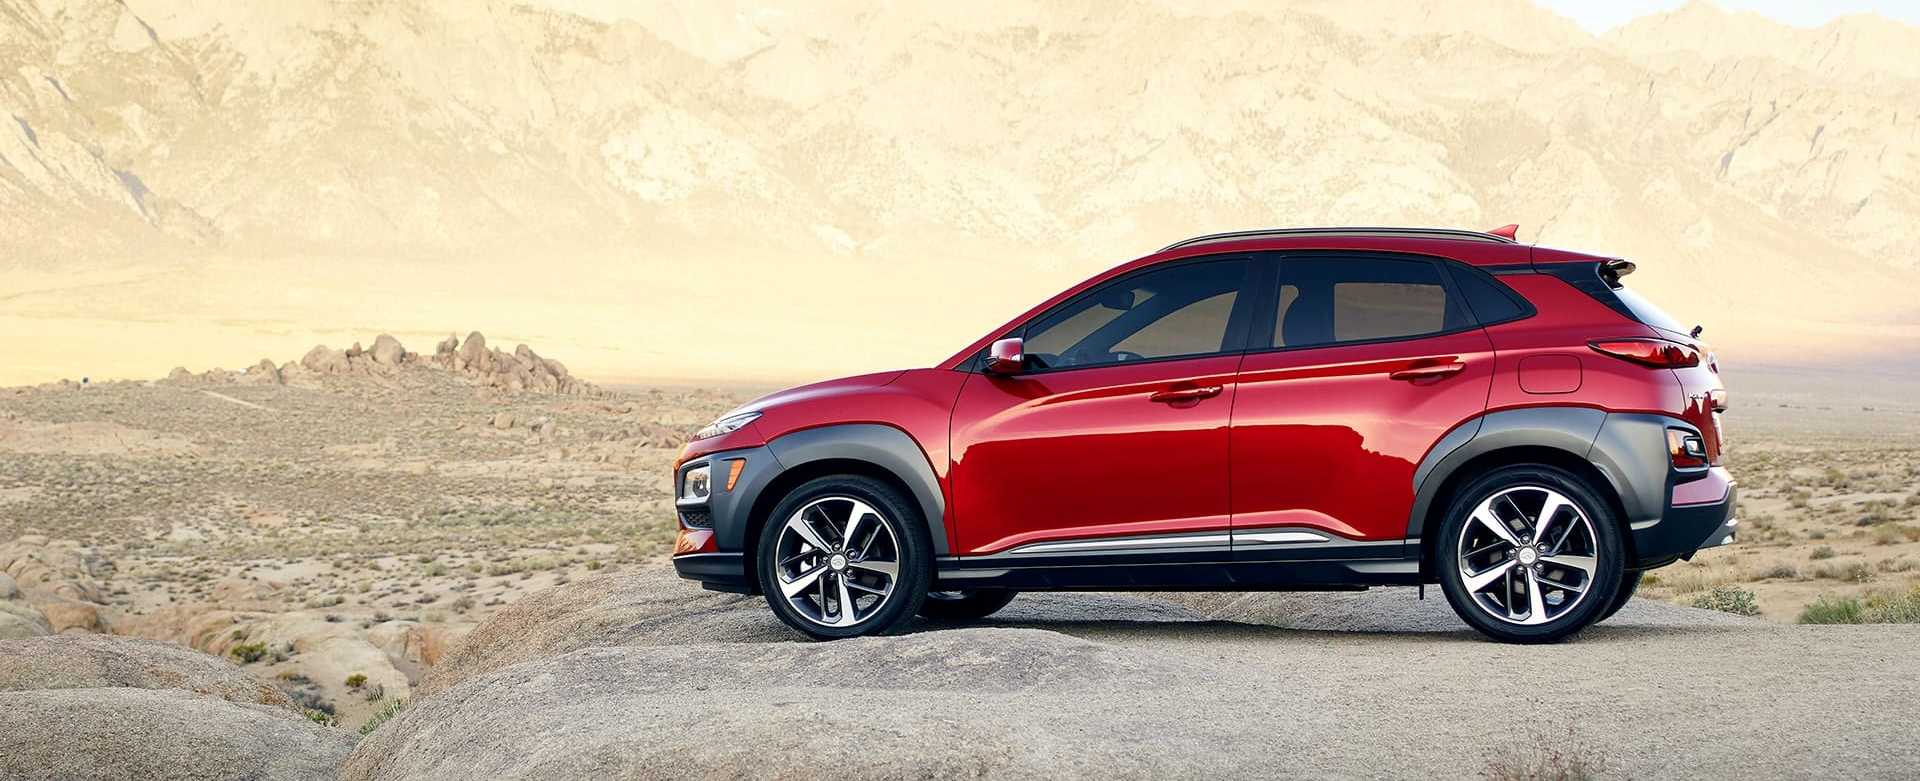 Hyundai Kona 2020 a la venta cerca de Manassas, VA